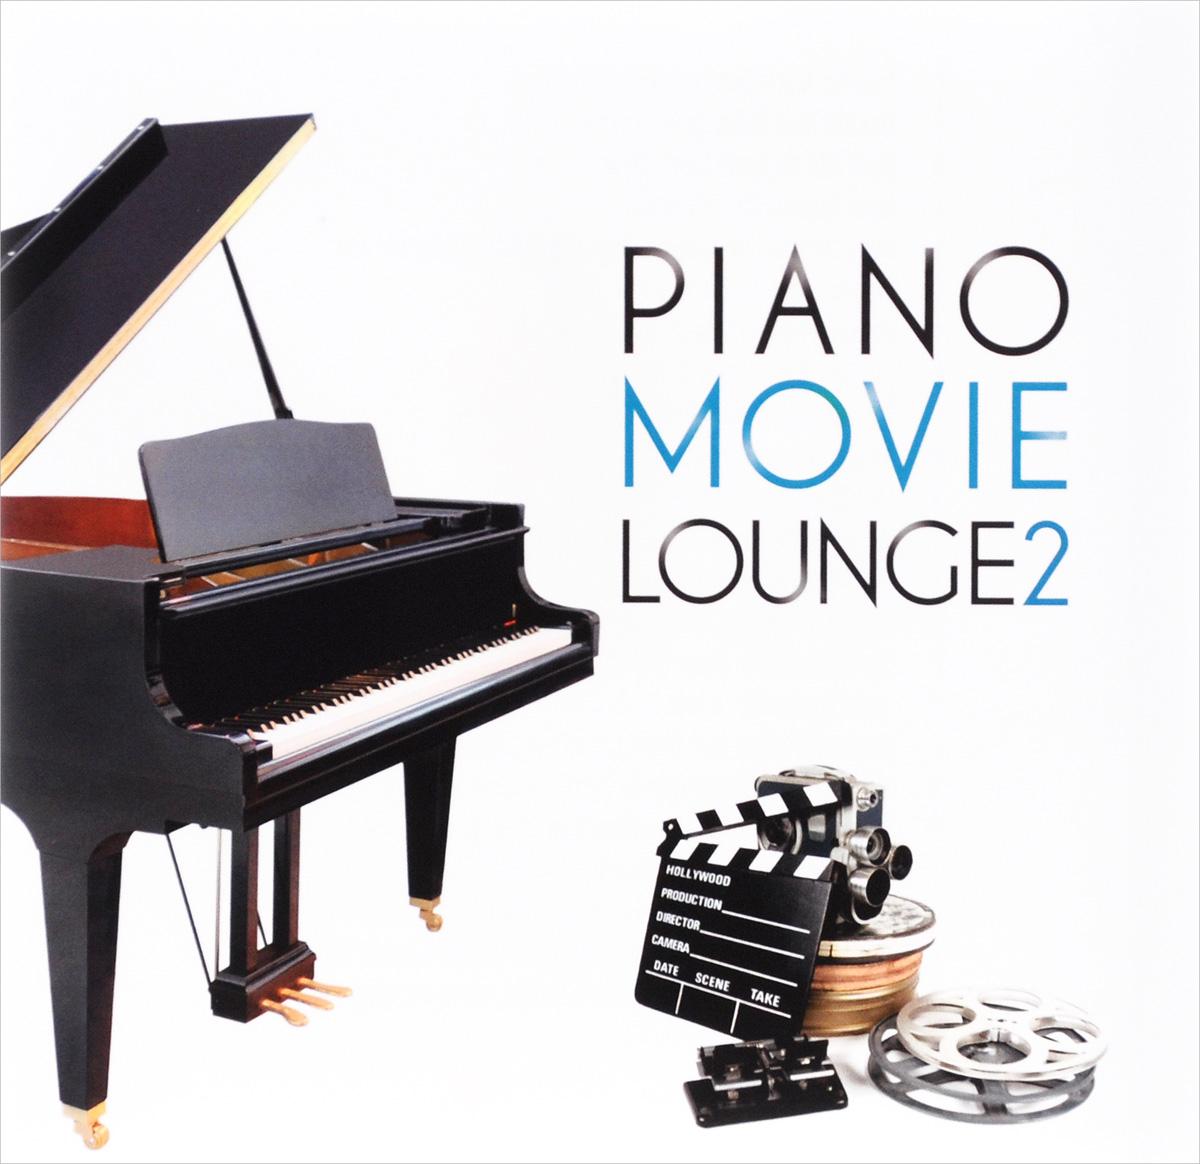 Piano Movie Lounge 2